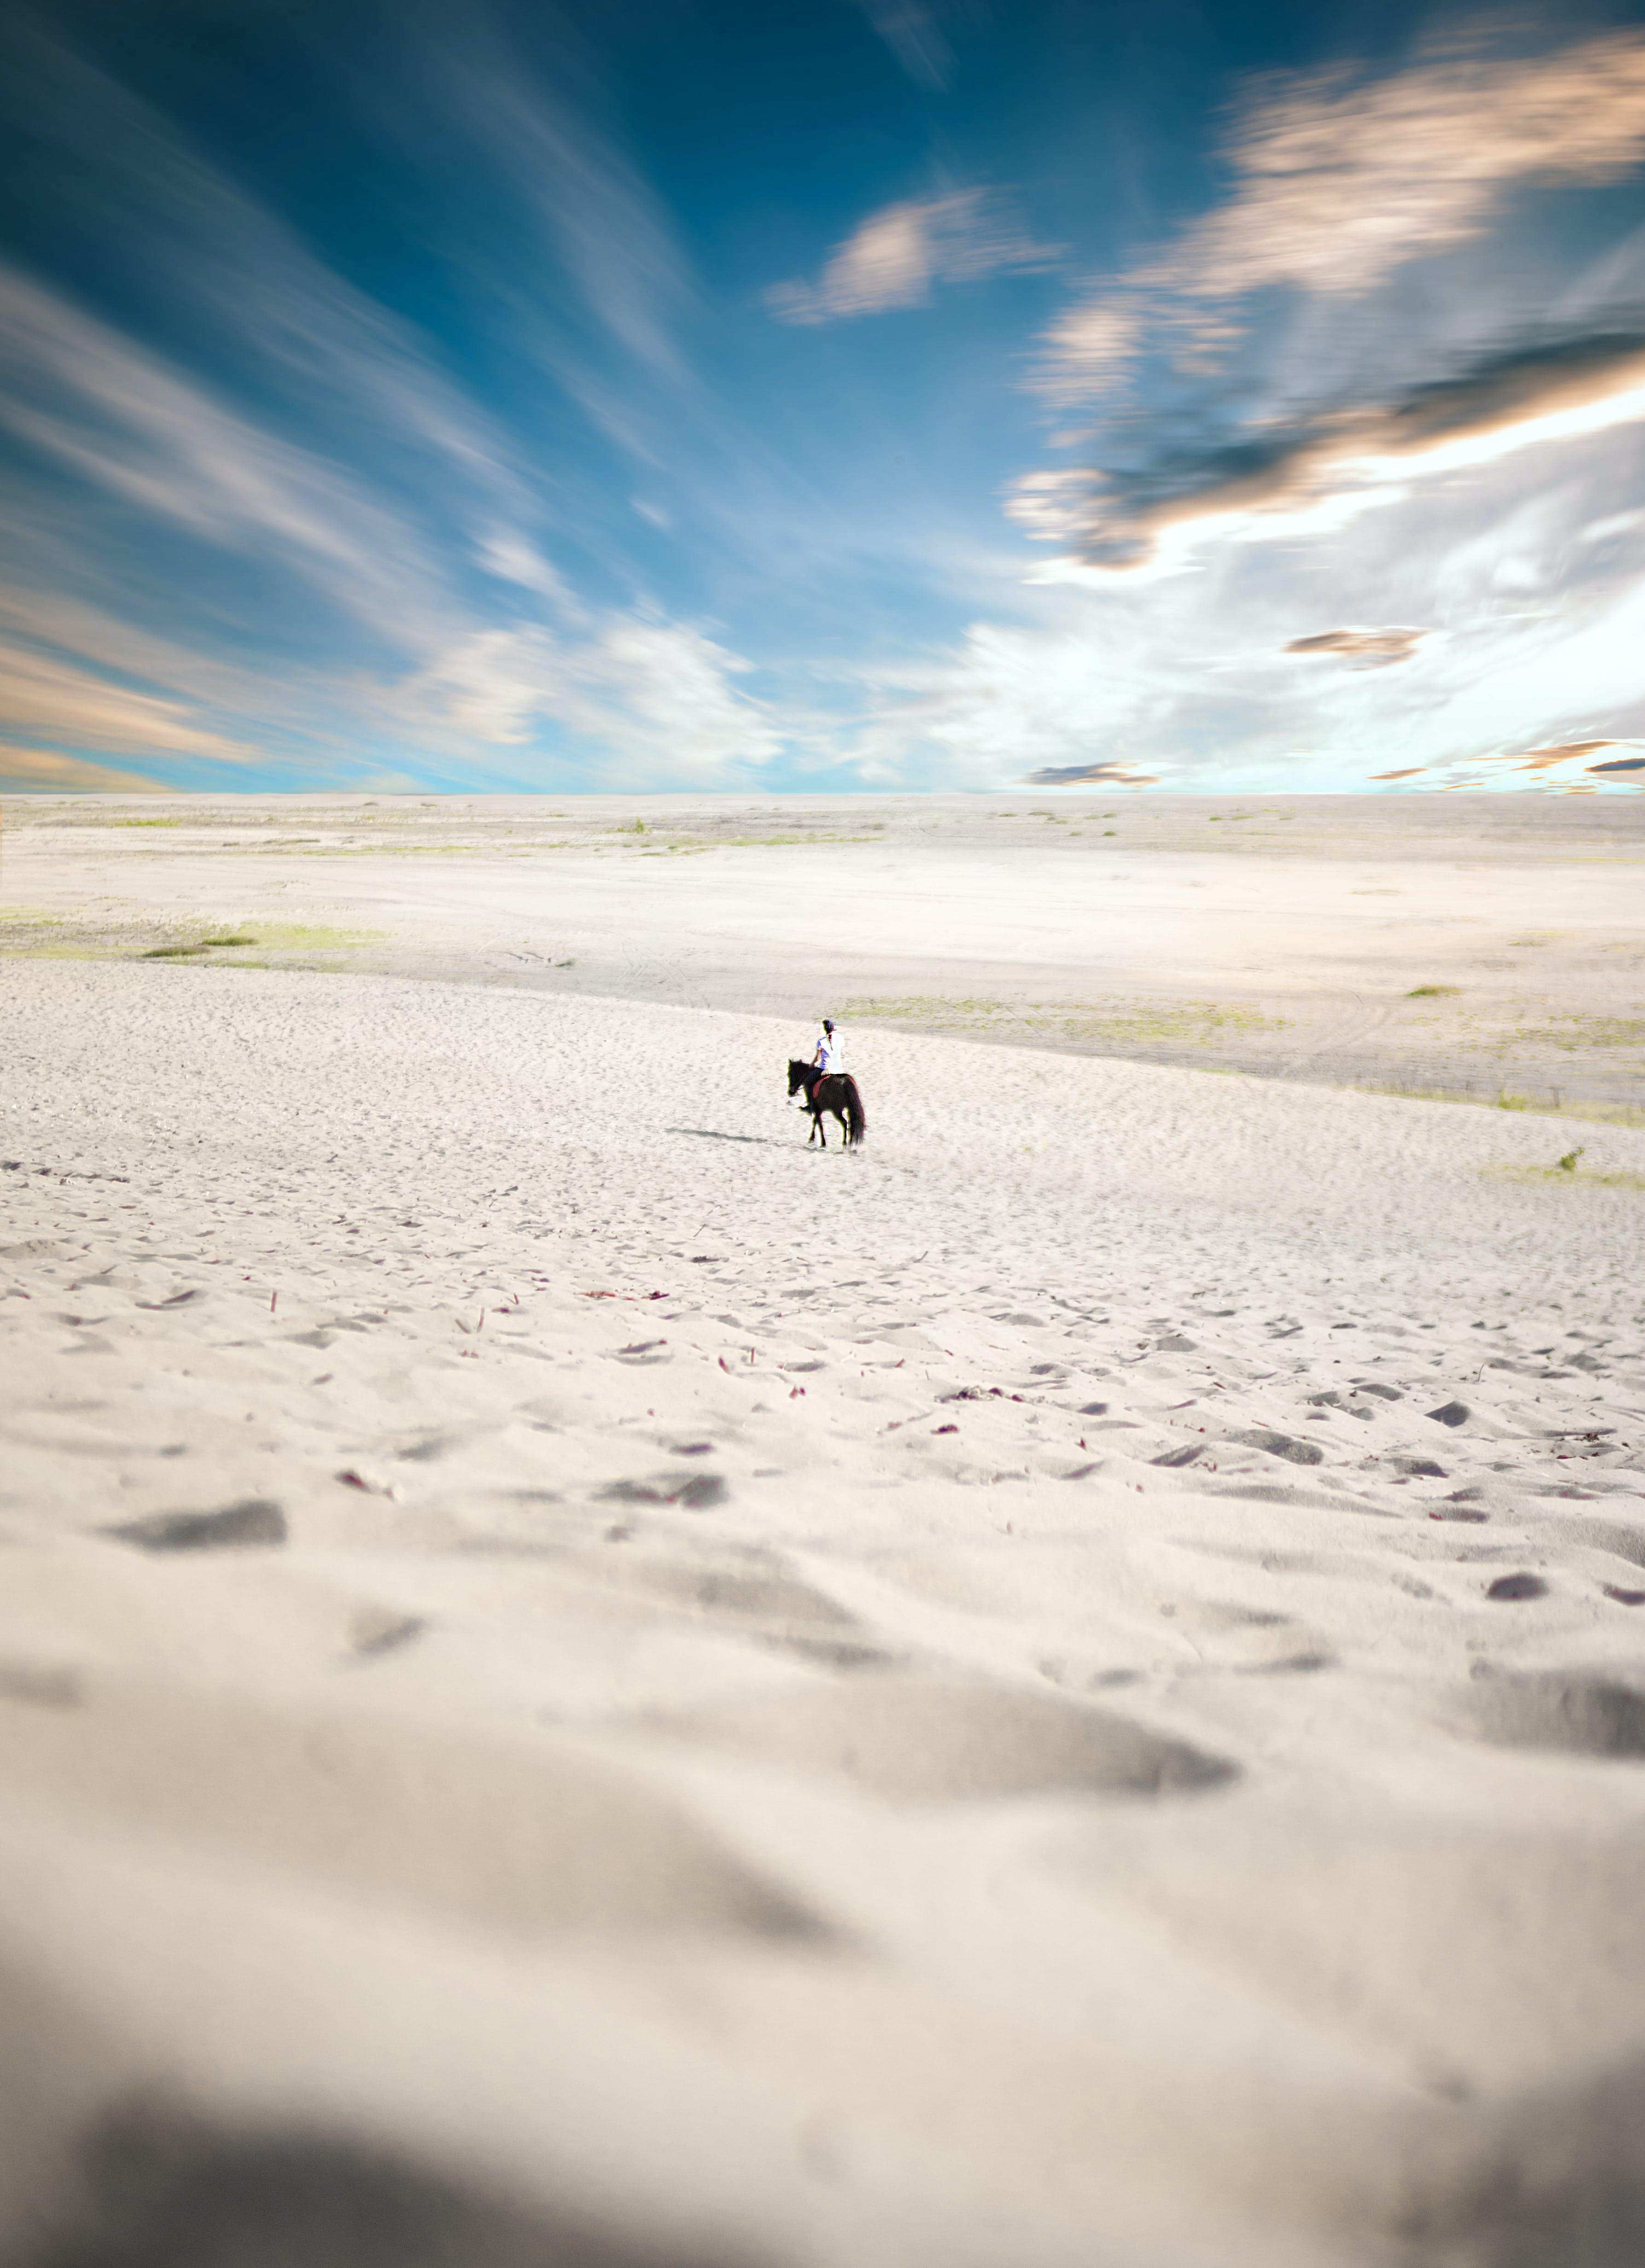 Безкоштовне стокове фото на тему «Денне світло, кінь, пісок, піщані дюни»